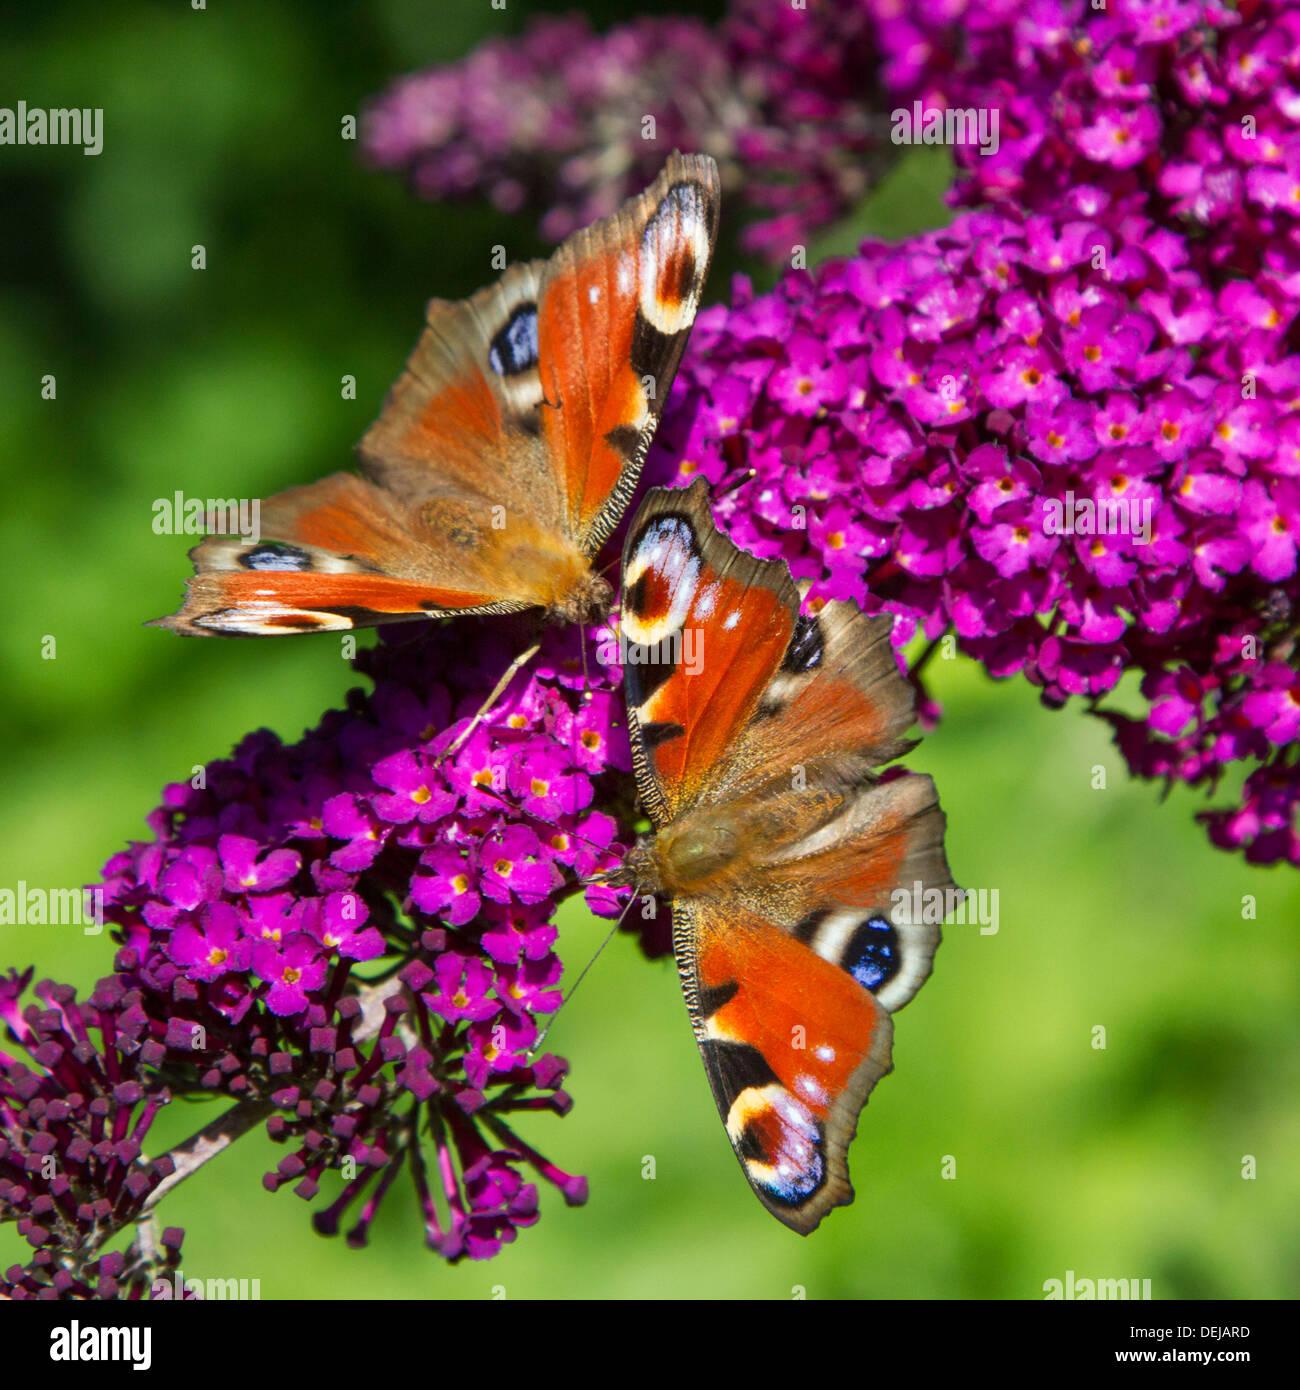 Due comunità Peacock farfalle (Aglais io / Inachis io) in estate fiori lilla / butterfly-bush (Buddleja davidii) Immagini Stock